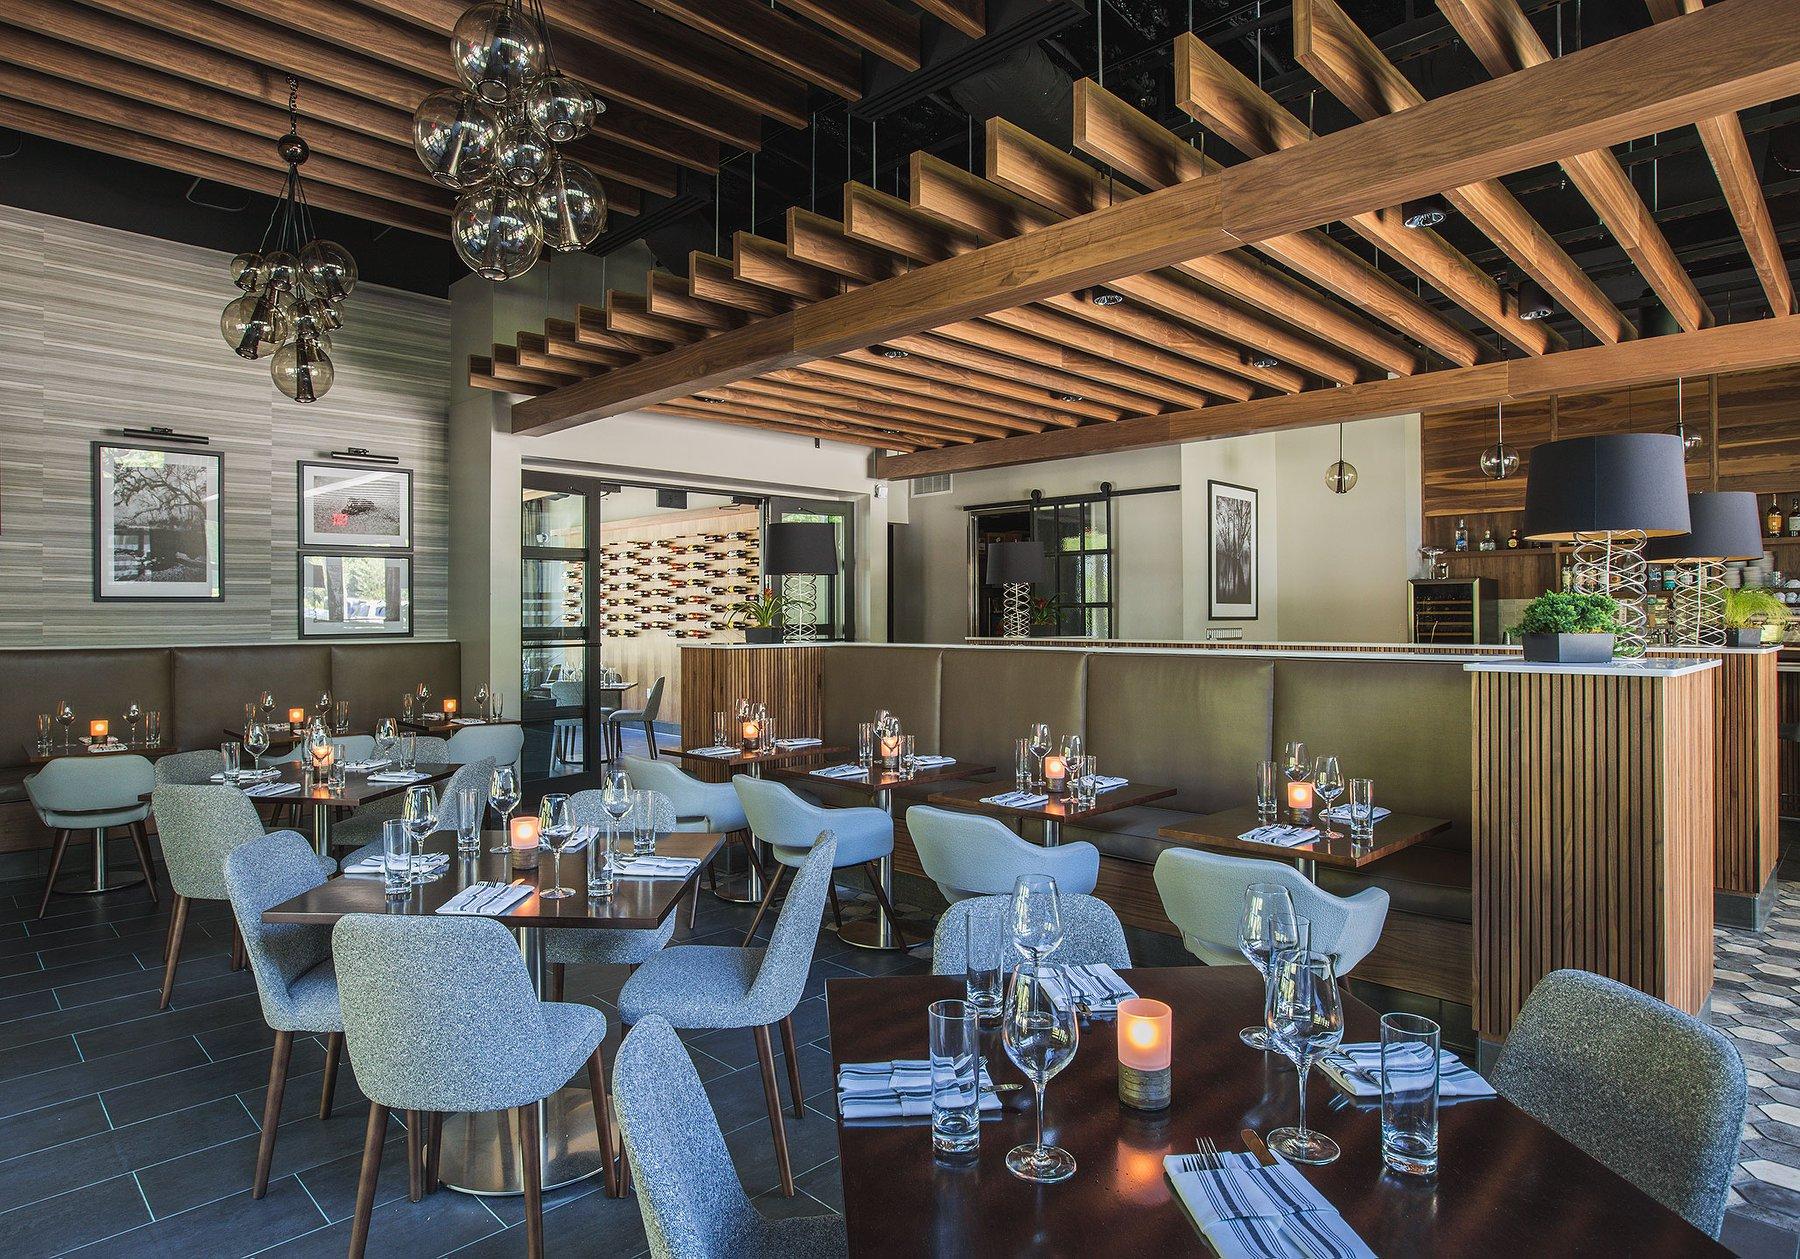 Pogos-Kitchen-Amelia-Island-Florida-Restaurant